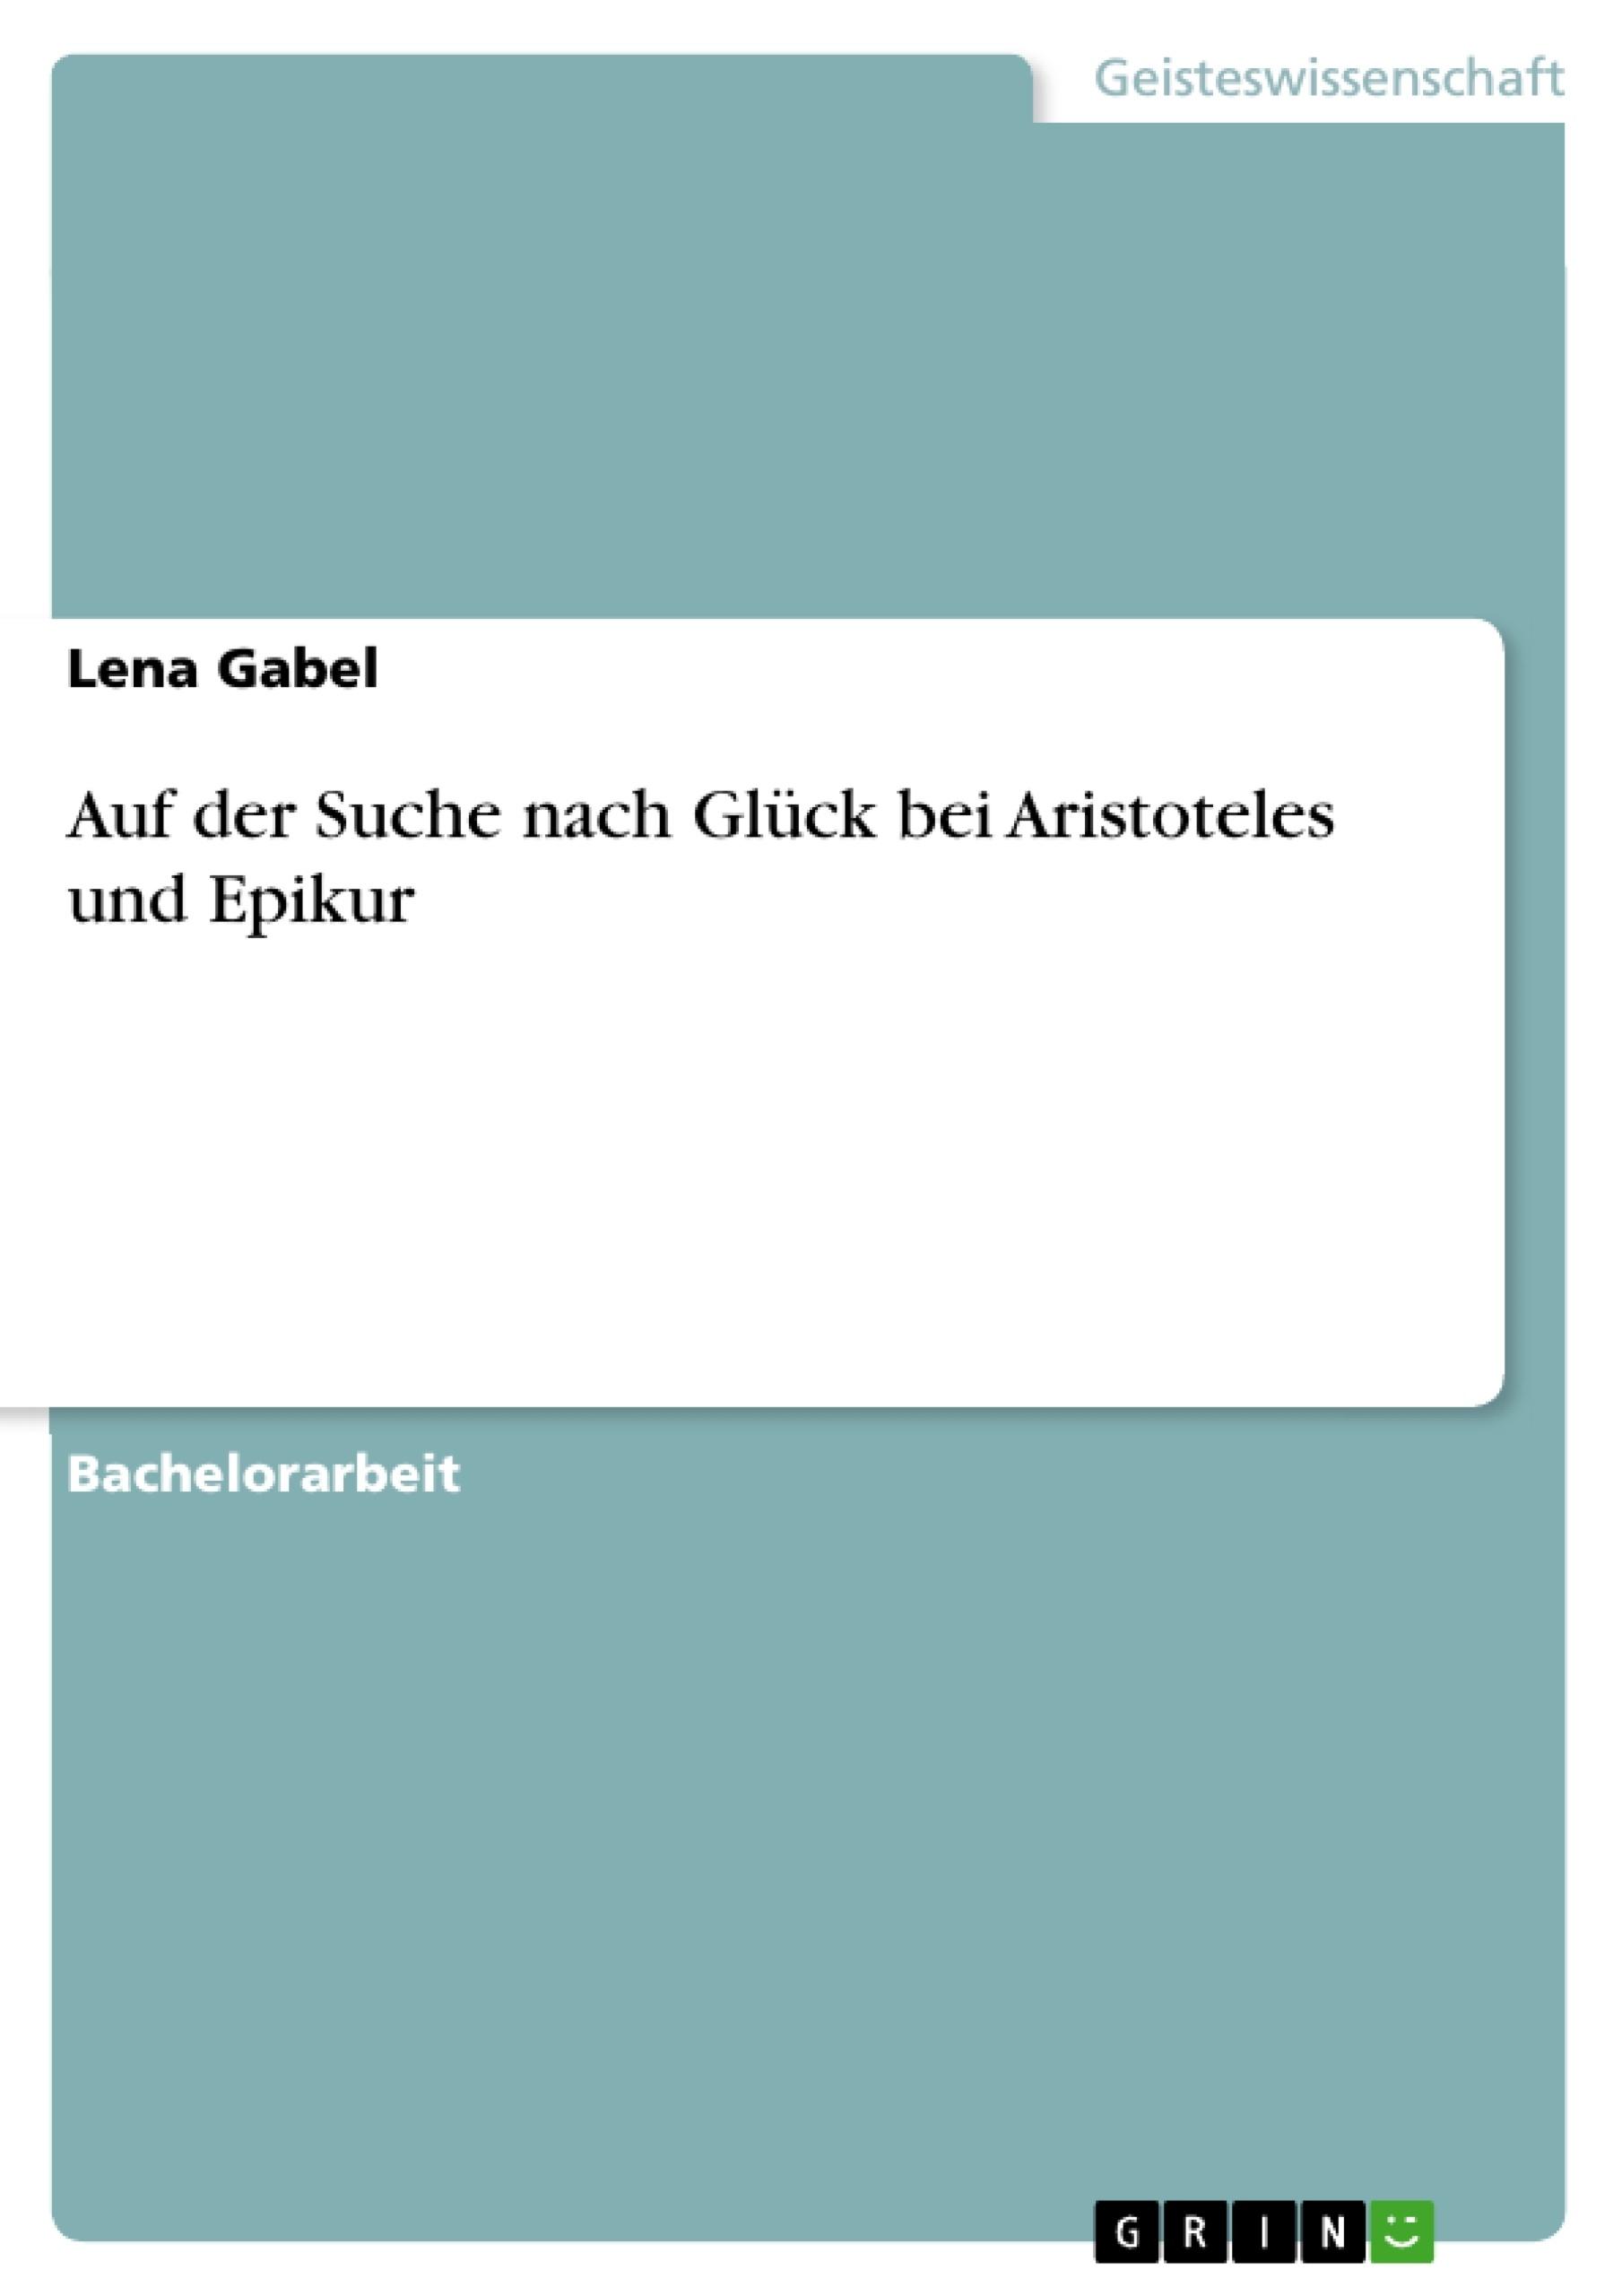 Titel: Auf der Suche nach Glück bei Aristoteles und Epikur